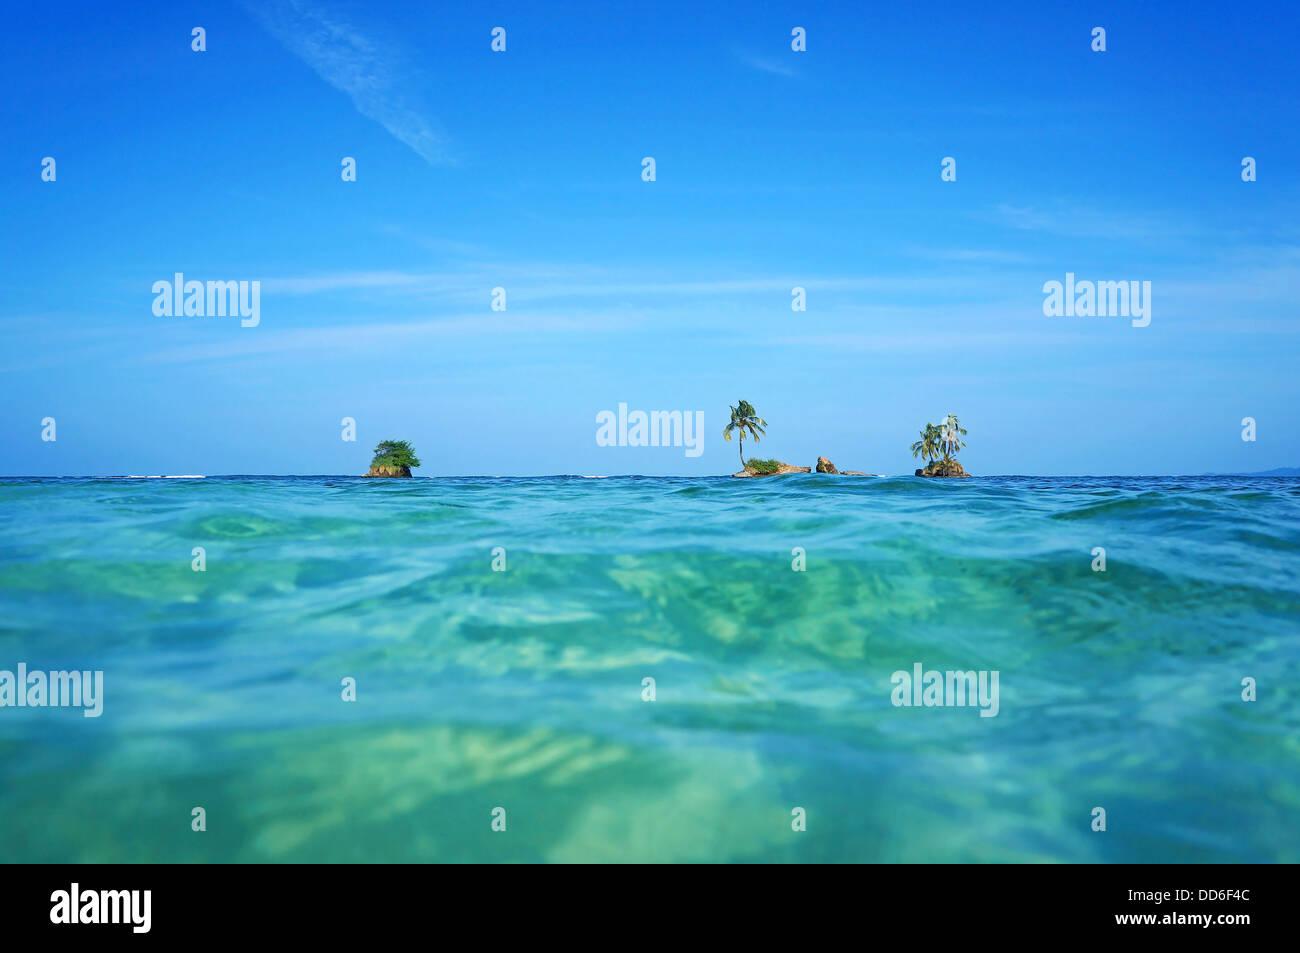 Horizont über Wasser mit kleinen Inseln und Kokospalme, Karibik, Zapatillas Schlüssel, Bocas del Toro, Stockbild